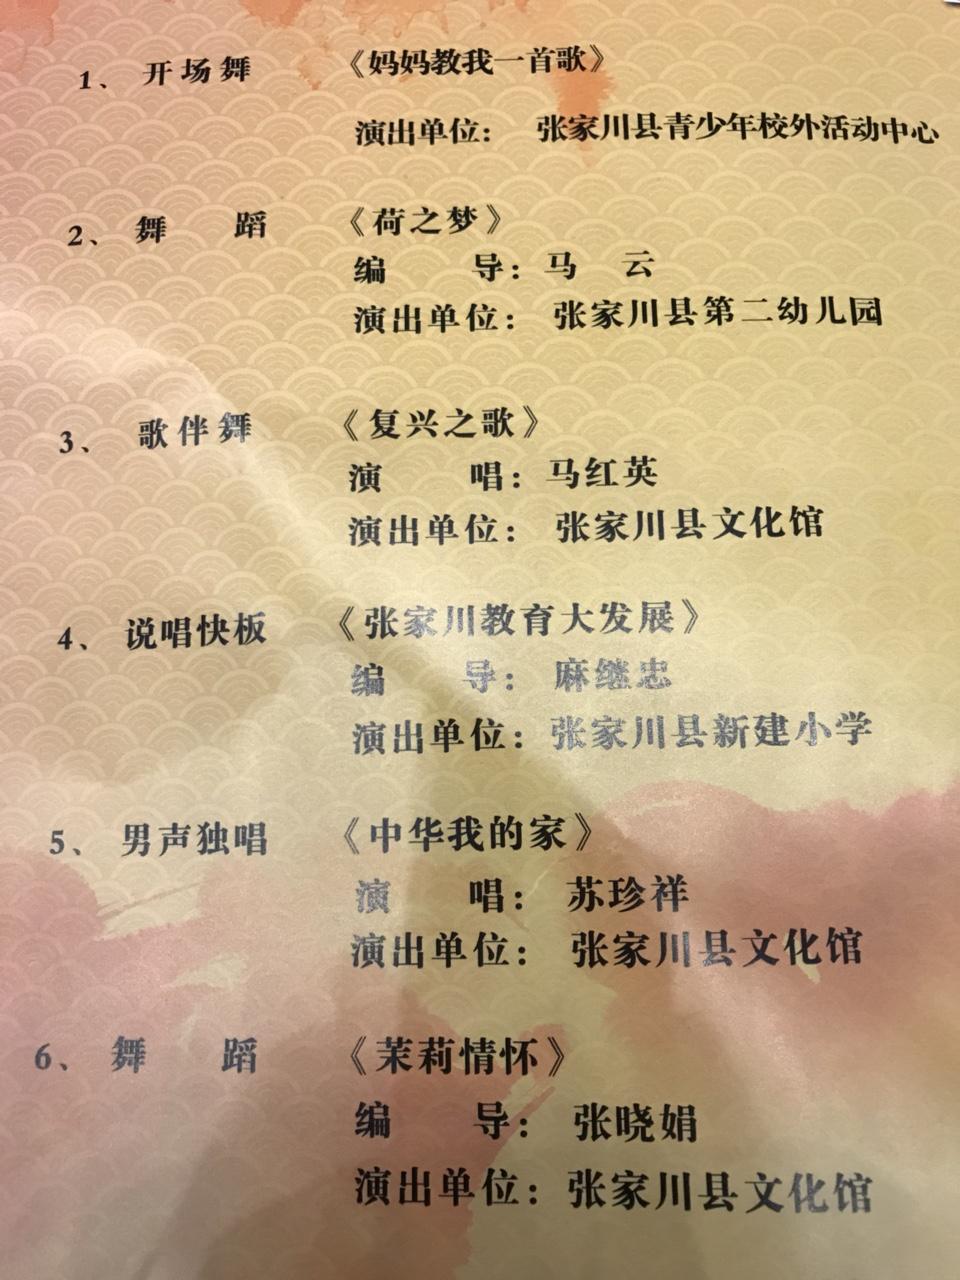 张家川纪念改革开放40周年文艺晚会惊艳了这个冬天